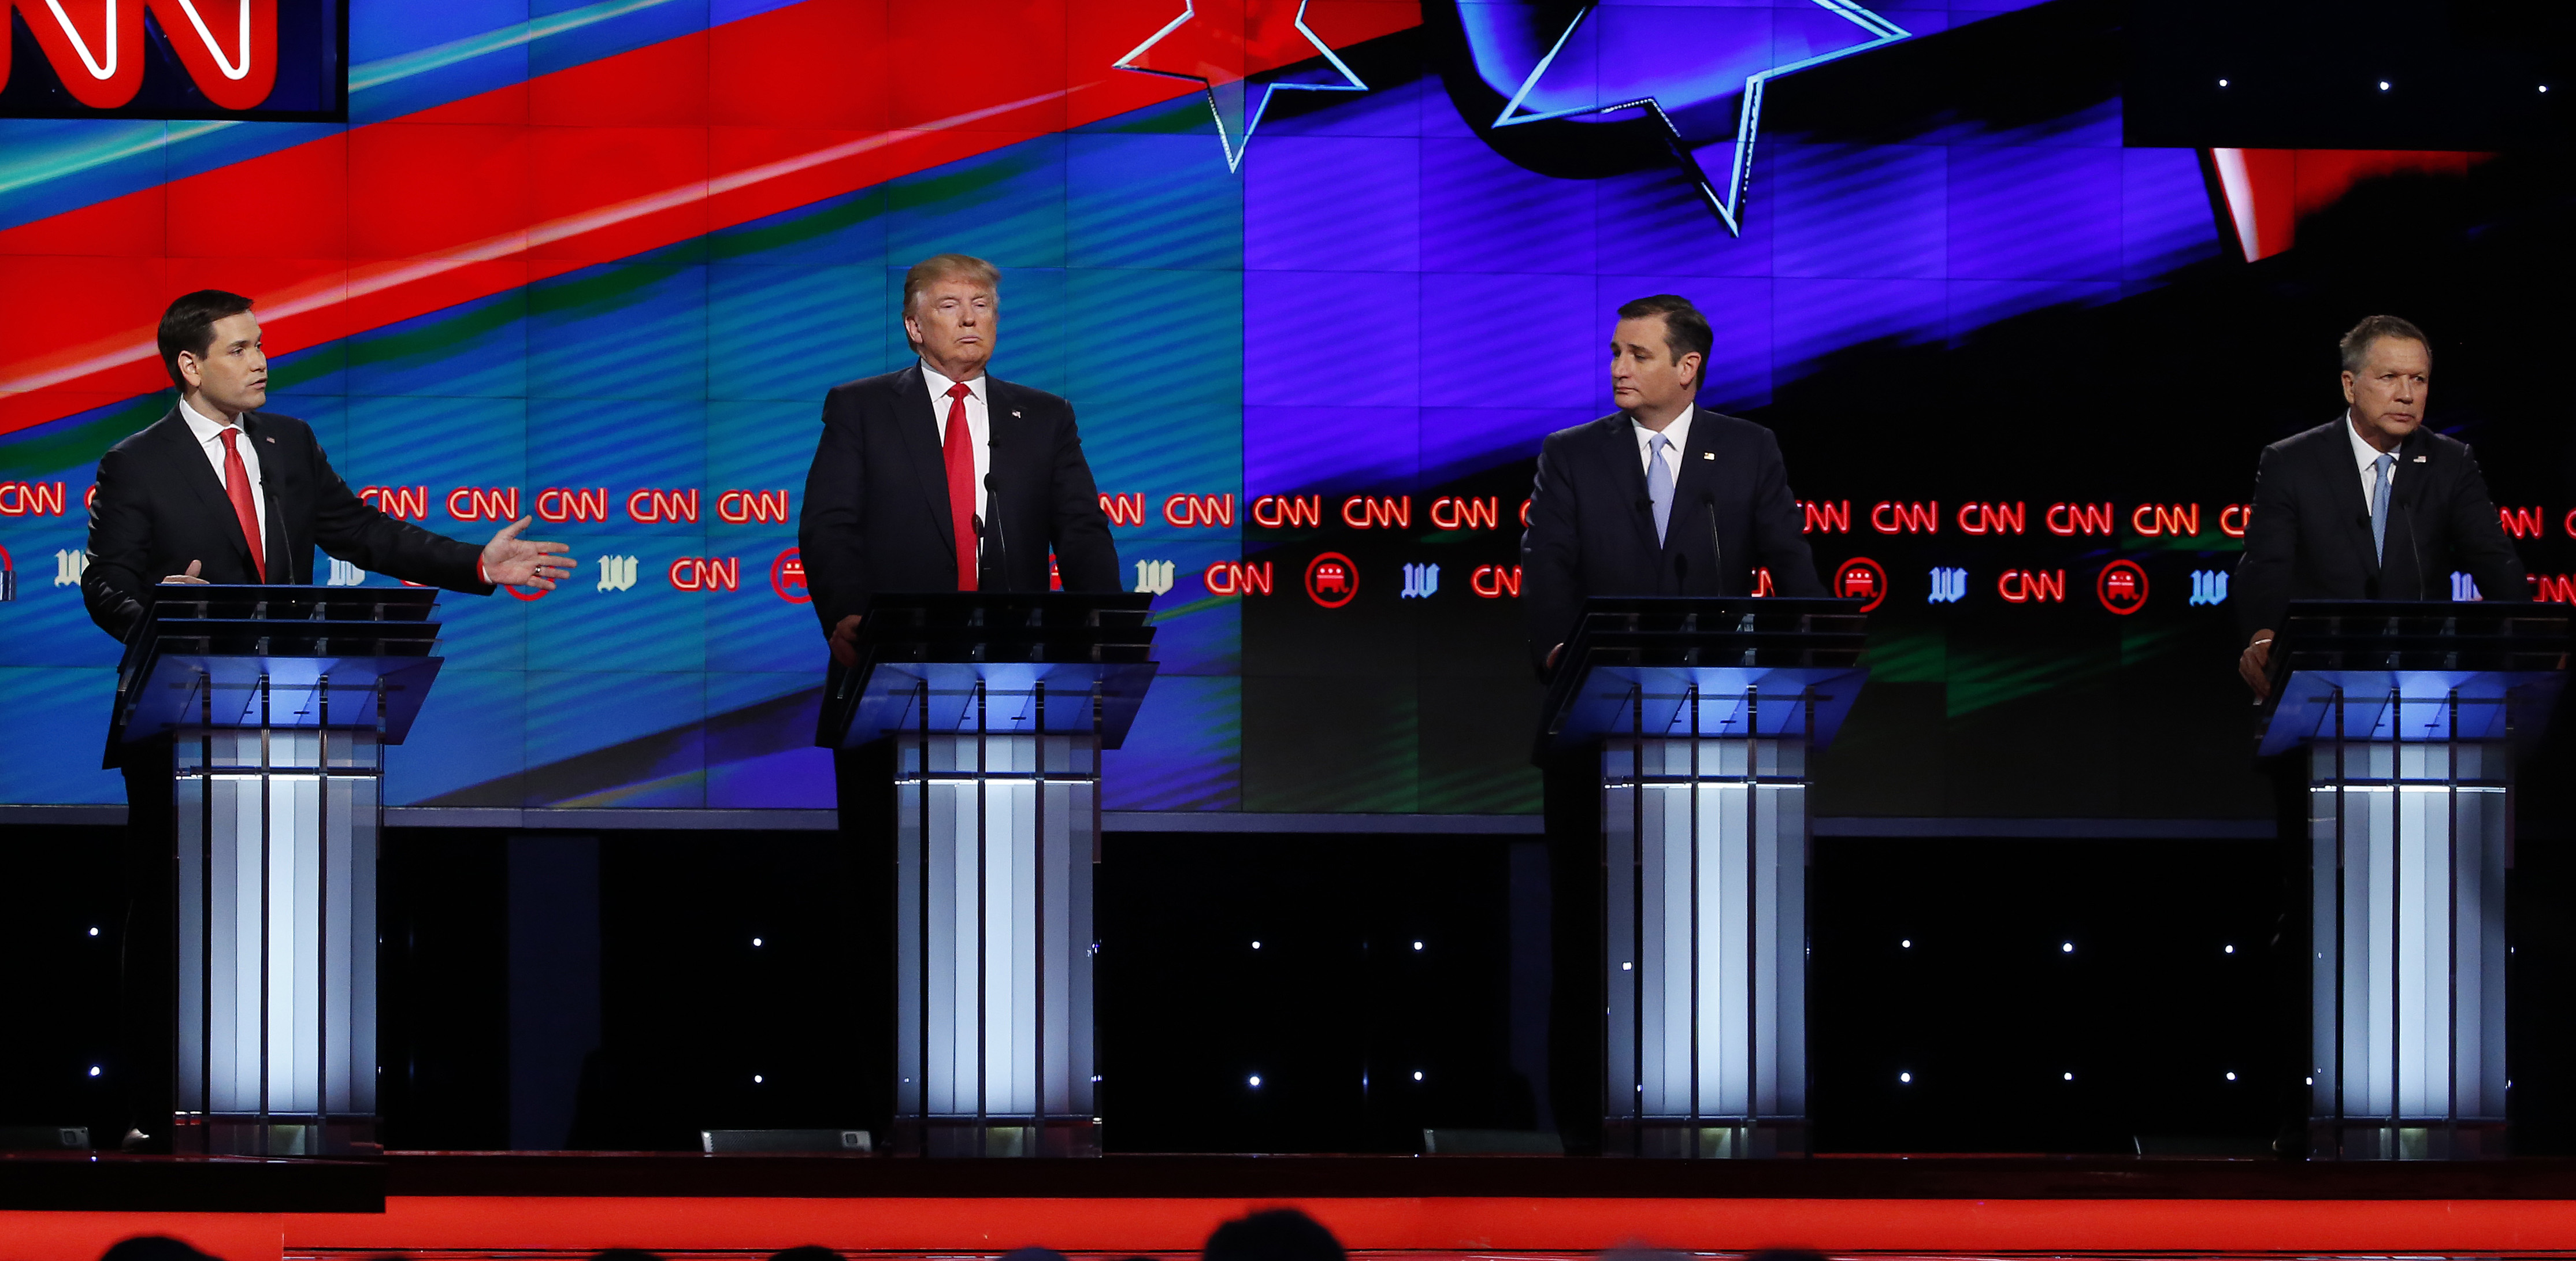 gop debate full video replay, republican debate full video replay